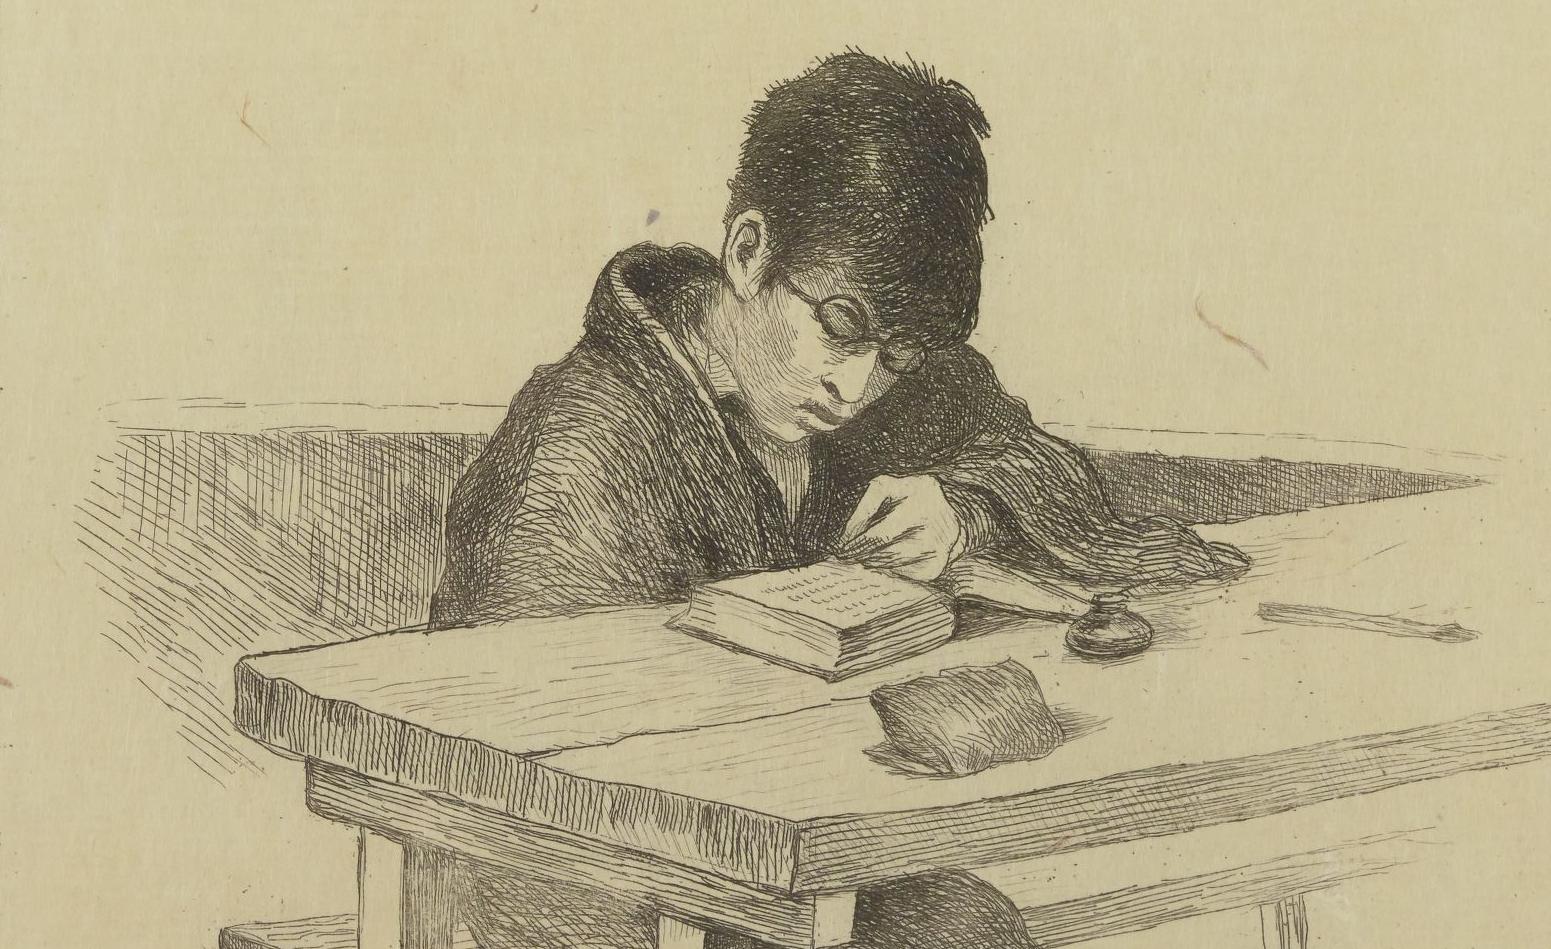 L'écolier. G. Bigot. Croquis japonais, 1886. PET FOL-OD-301. Vue 11